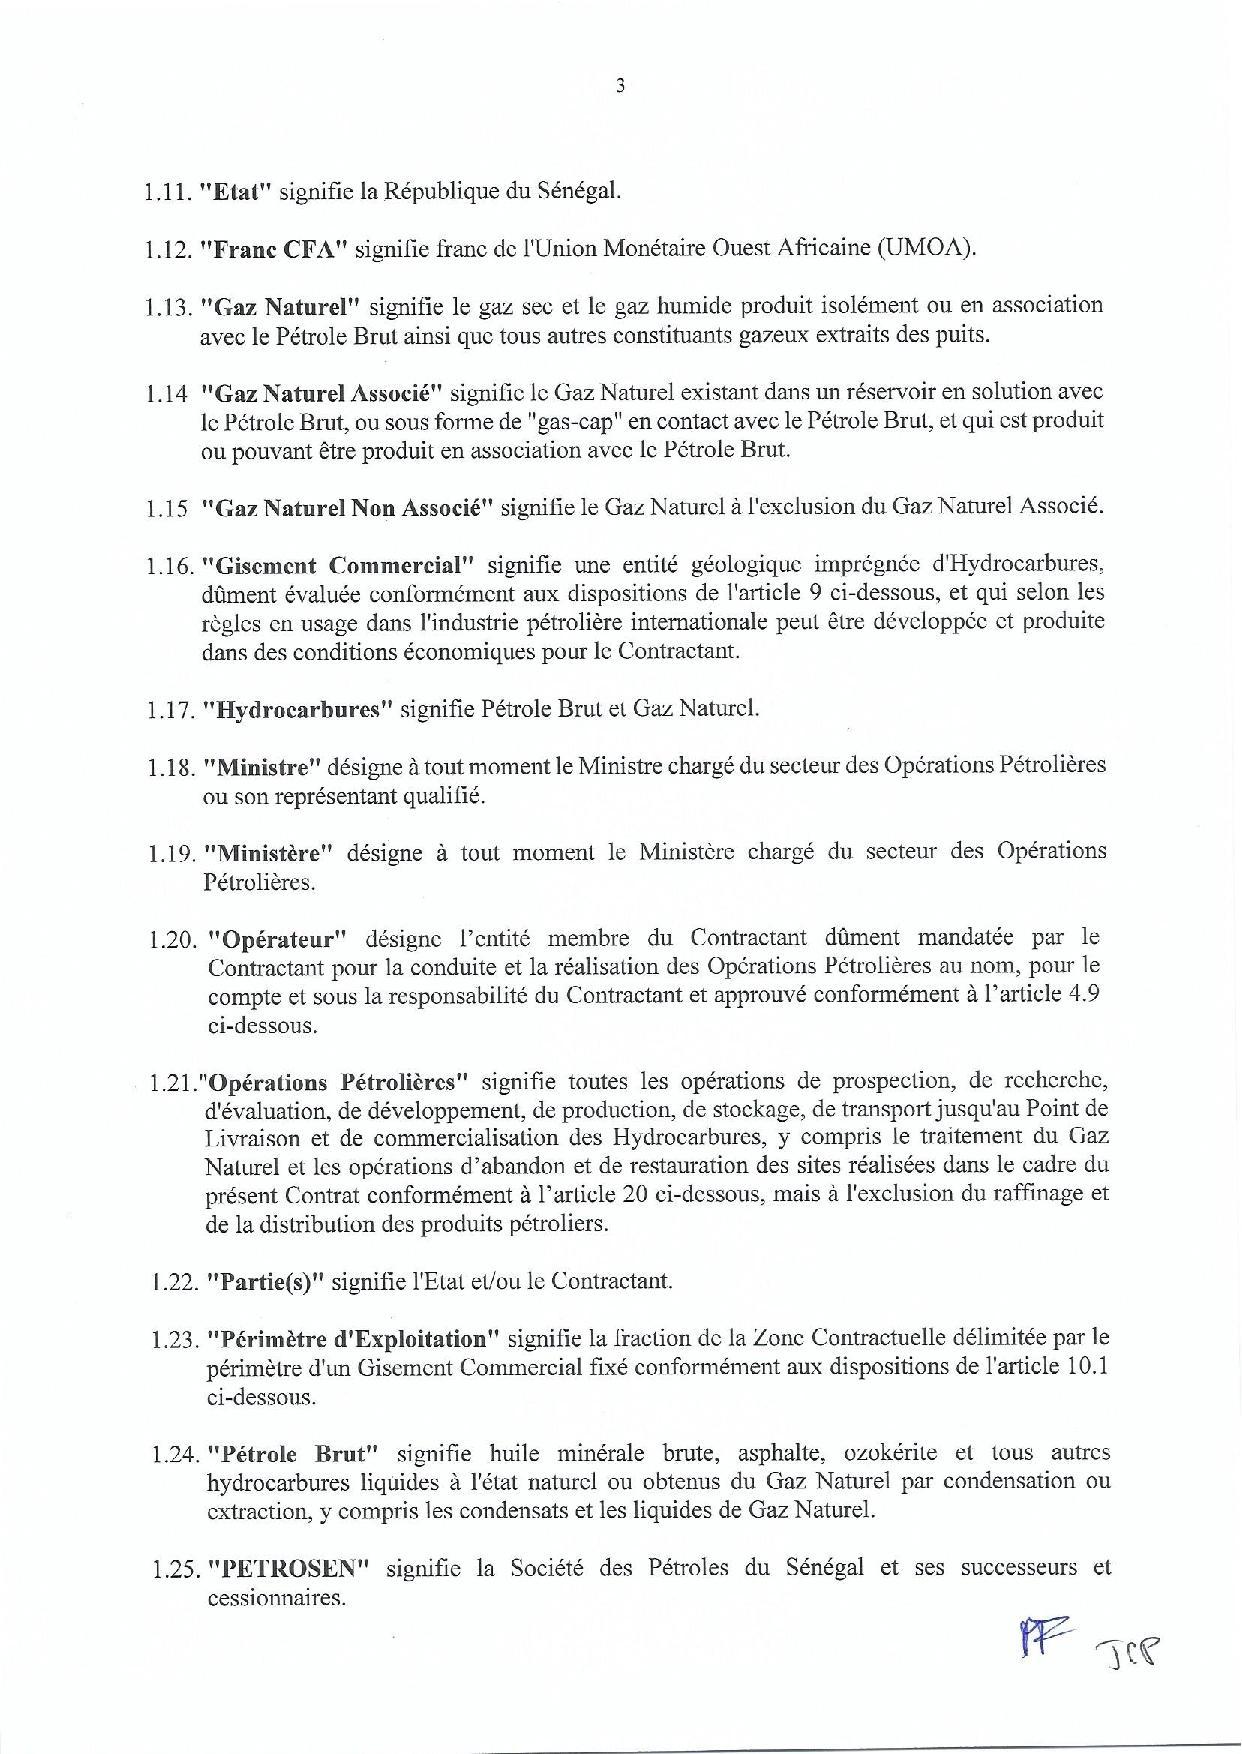 """Contrat de recherche et de partage de production d'hydrocarbure """" Rufisque Offshore"""" entre l'Etat du Sénégal et Total (Part 1)"""